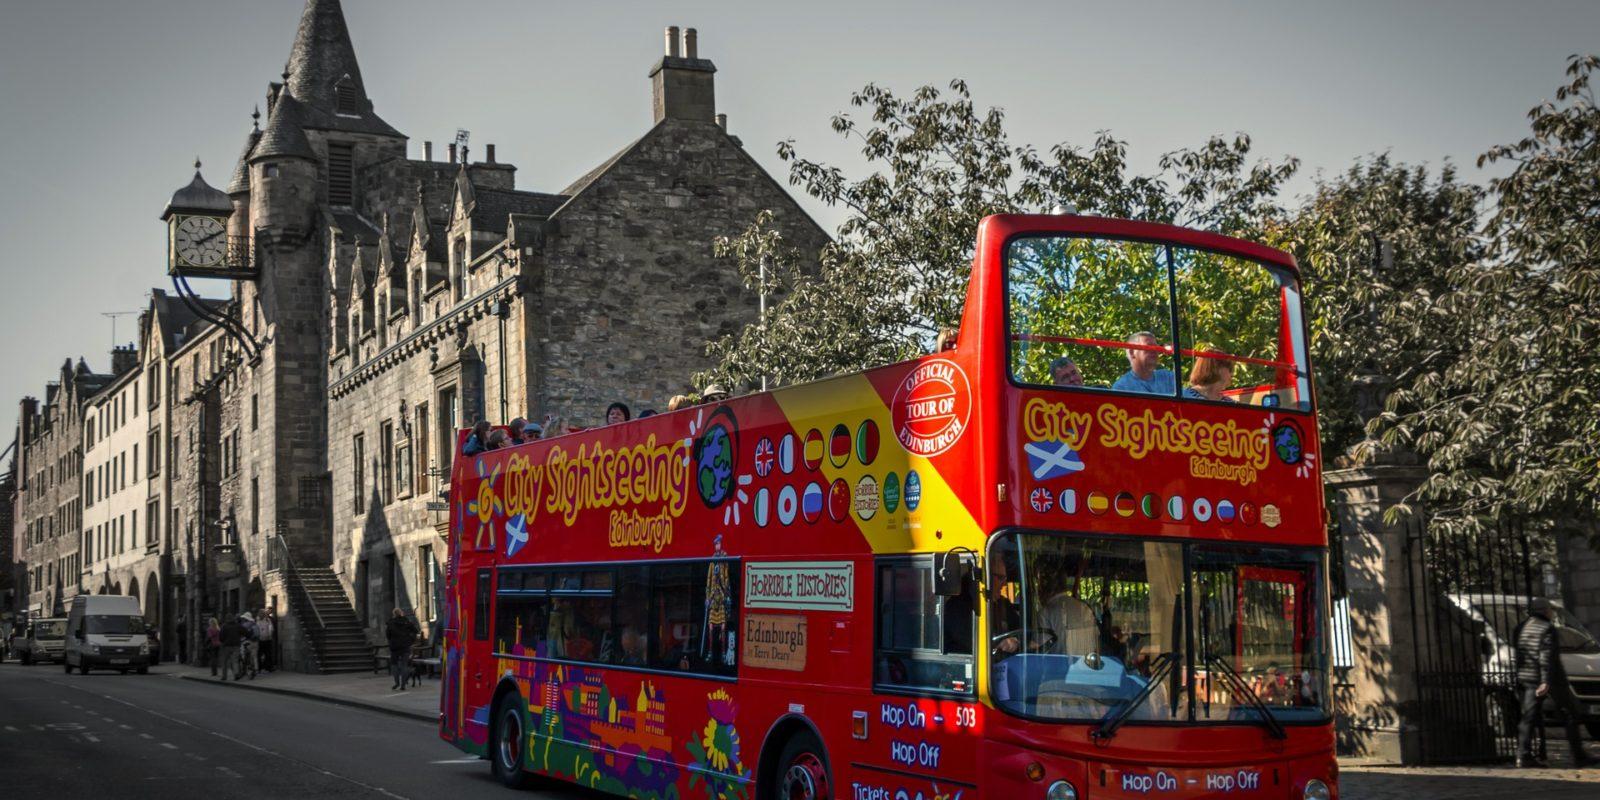 City Tour Bus_Edinburgh, Scotland.